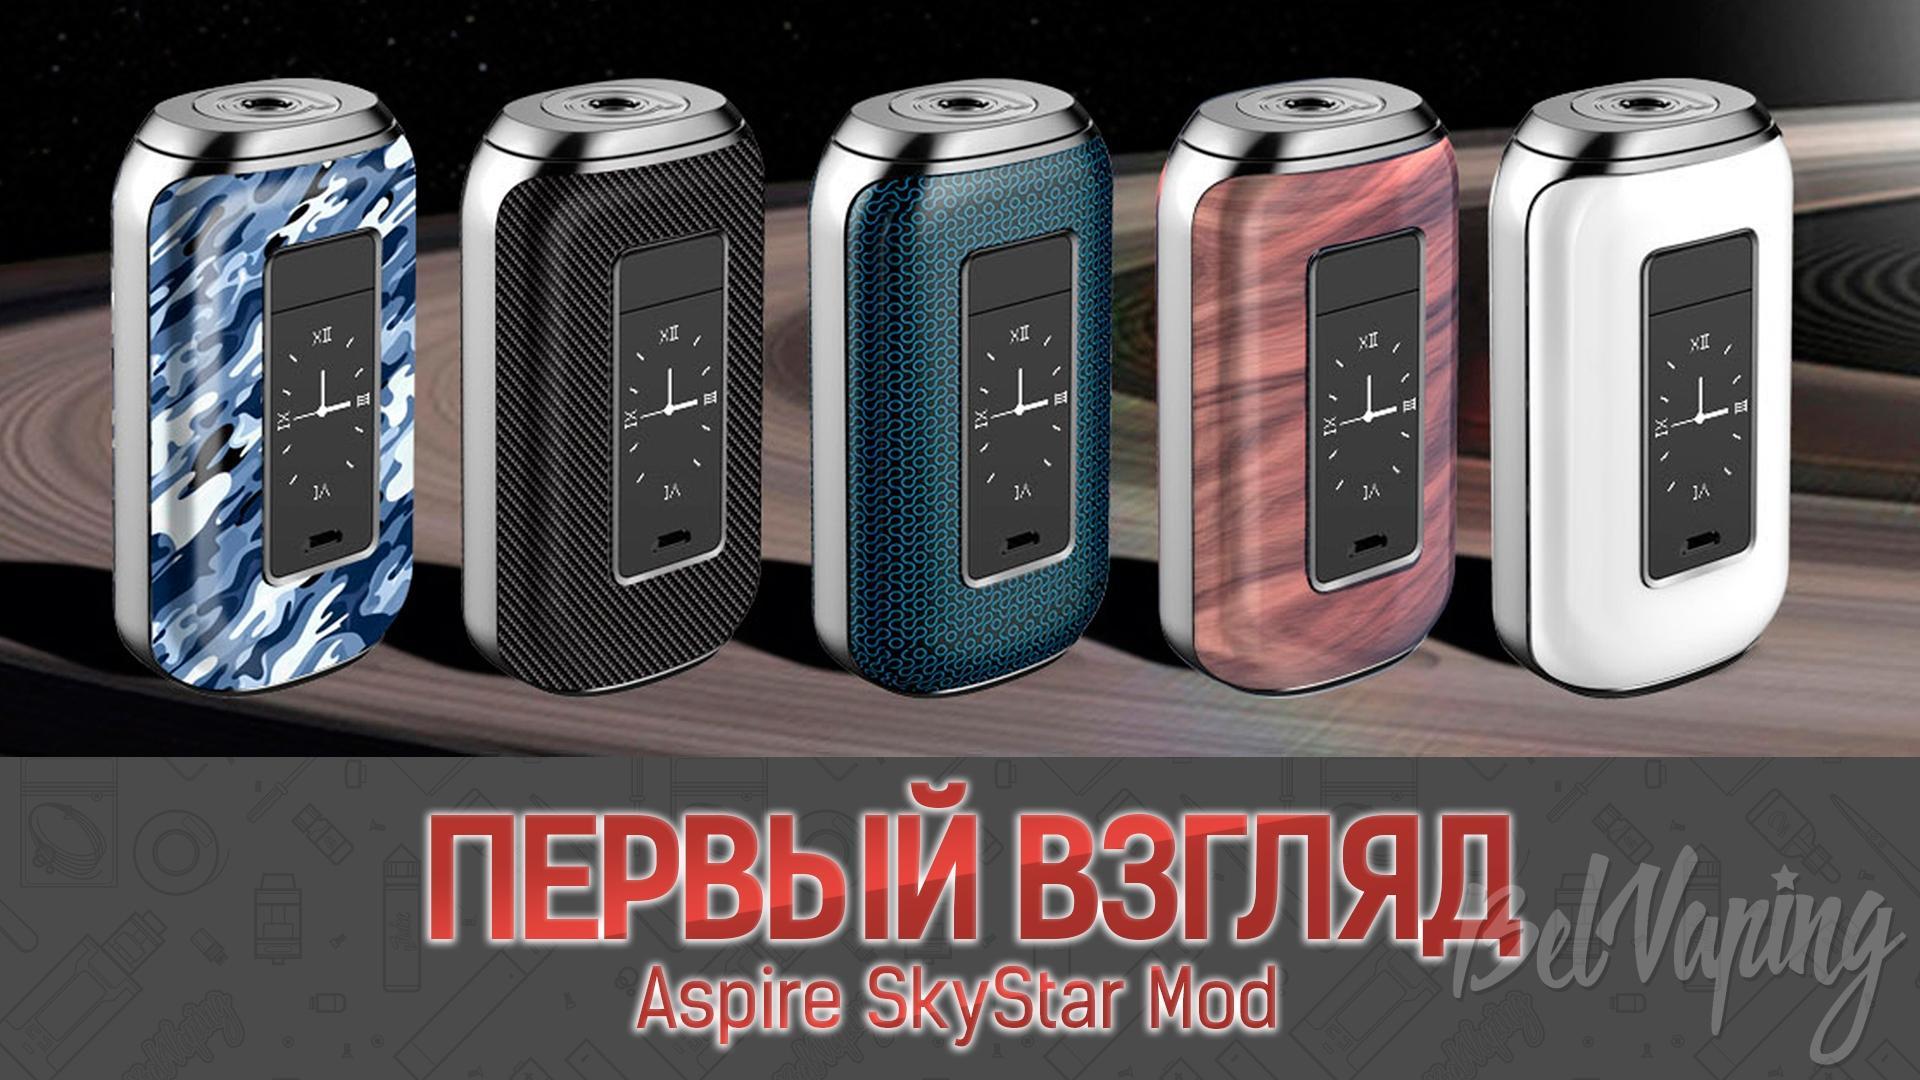 Aspire SkyStar Mod. Первый взгляд